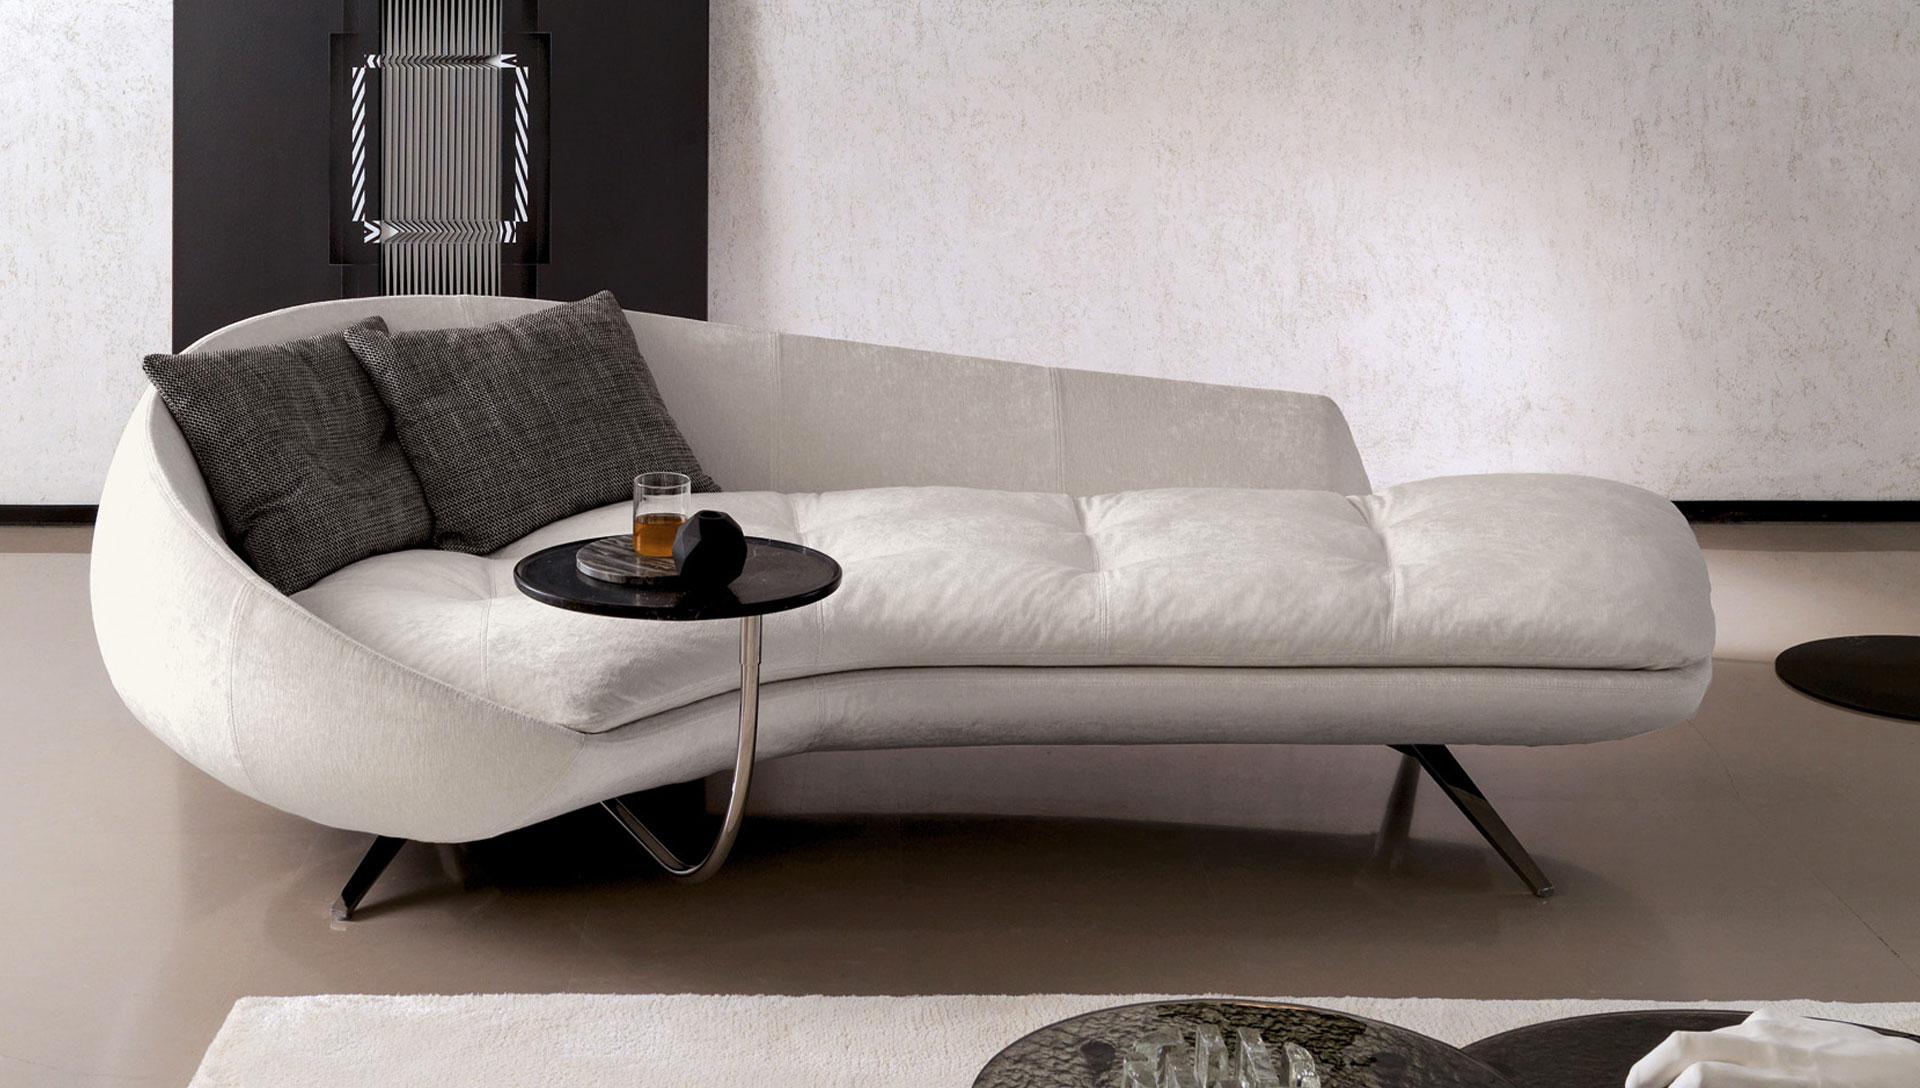 divani-desiree-comodus-arredamenti-nicoletti-interni-interior-design-divani-complementi-arredo-mobili-design-accessori-matera